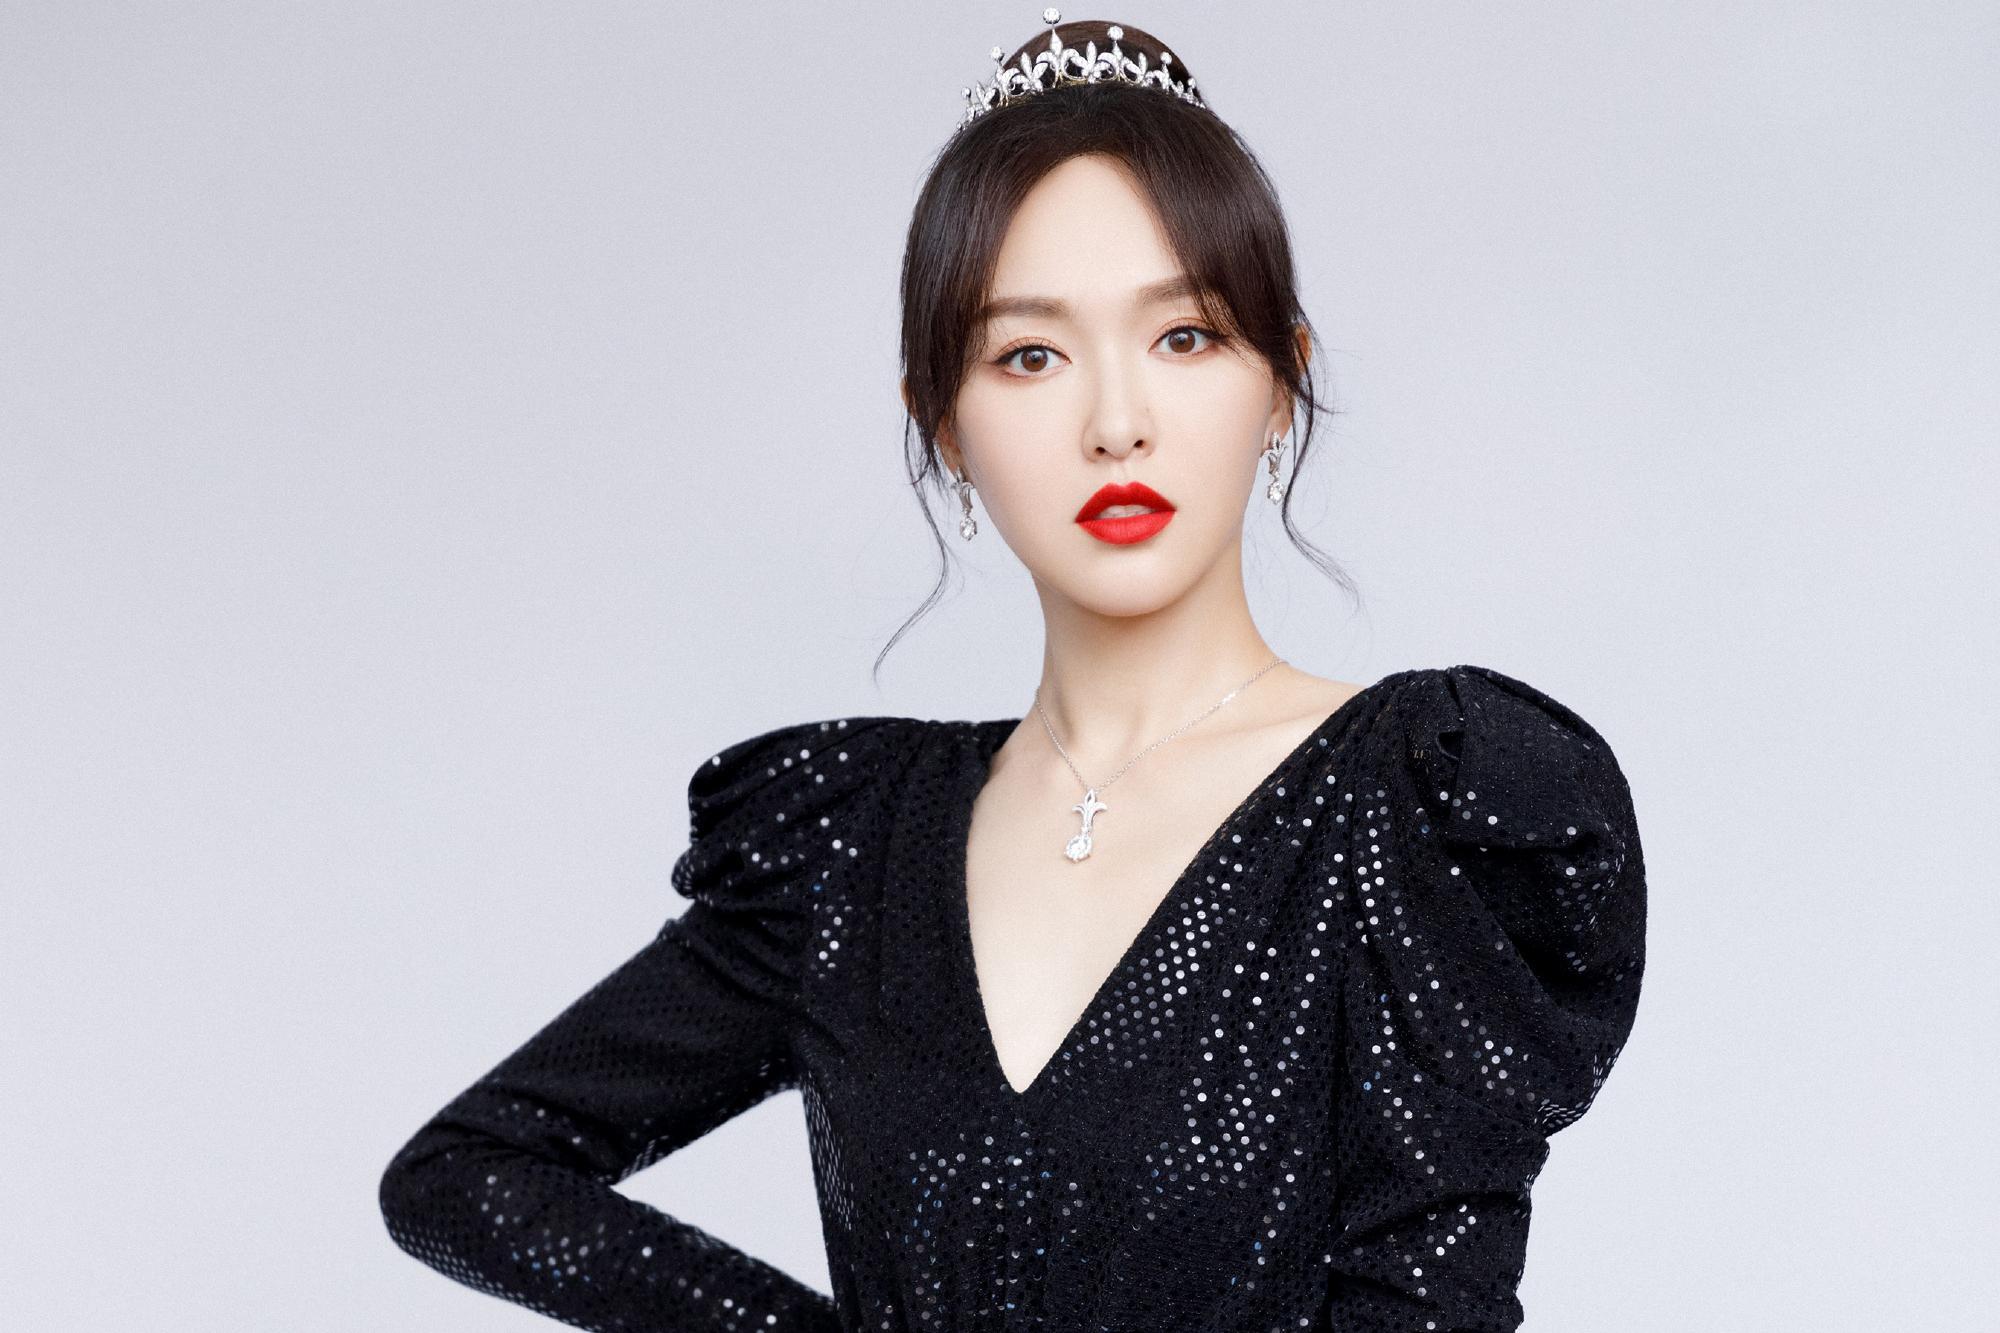 唐嫣宋茜穿早春时尚连衣裙,一个甜美可爱,一个帅气潮流